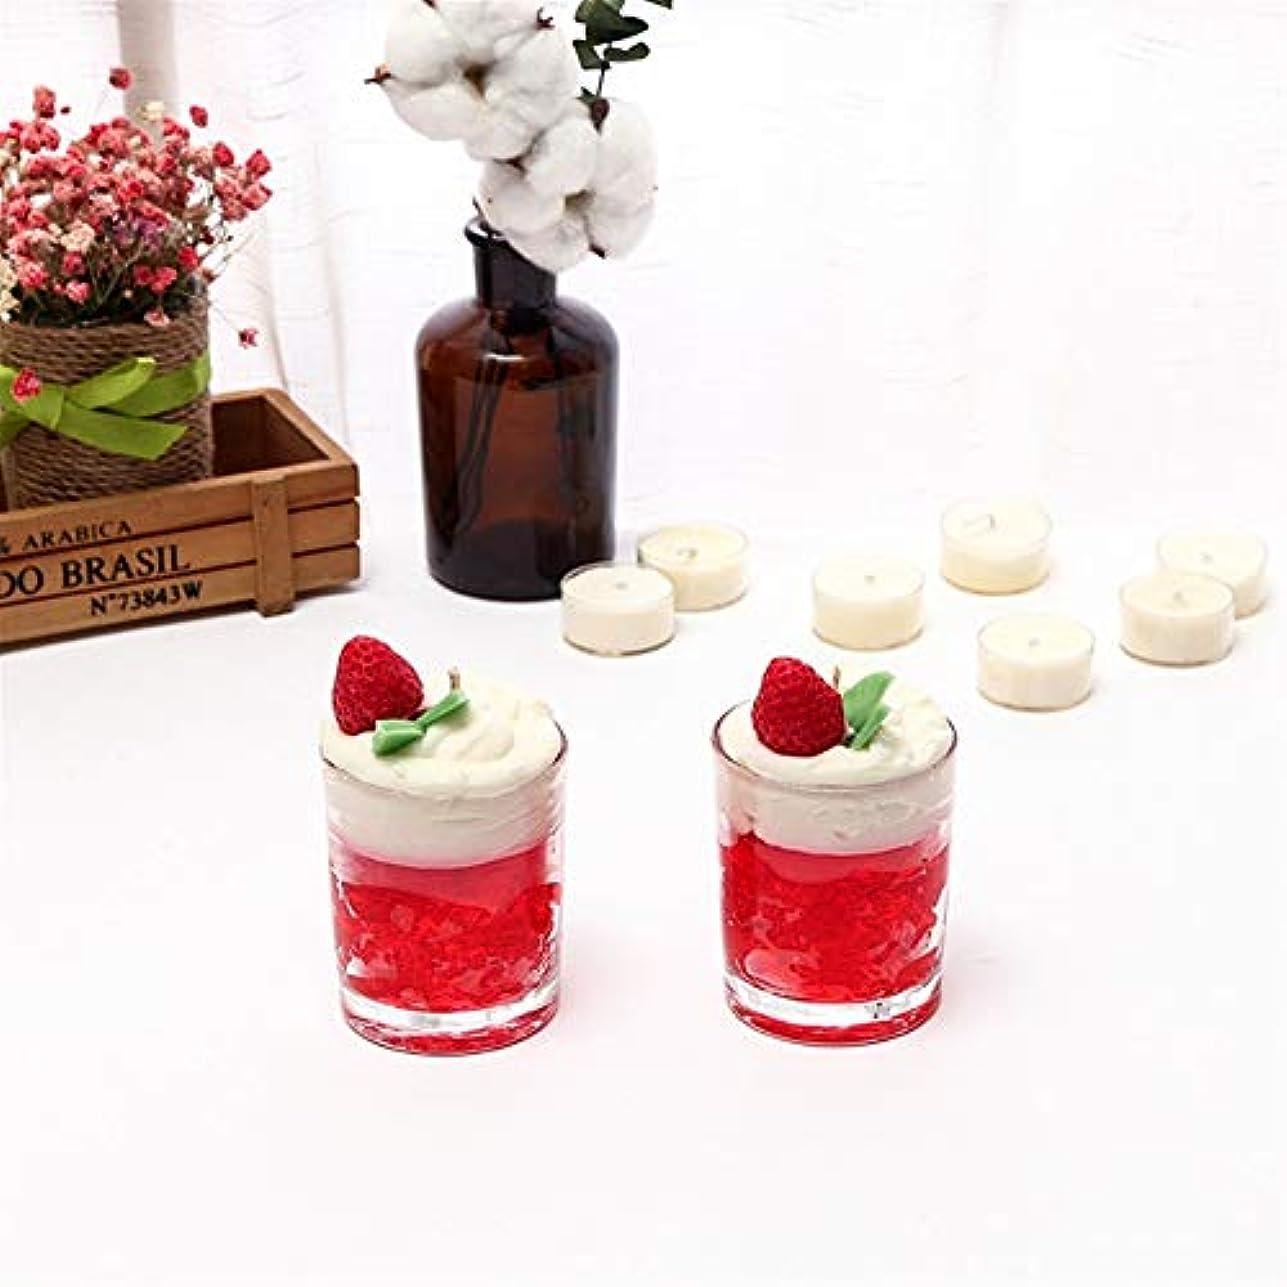 むさぼり食う電気の数字Ztian アイスクリームキャンドルシンプルなガラス瓶アロマセラピーガラスカップ無毒な環境保護 (色 : Marriage)